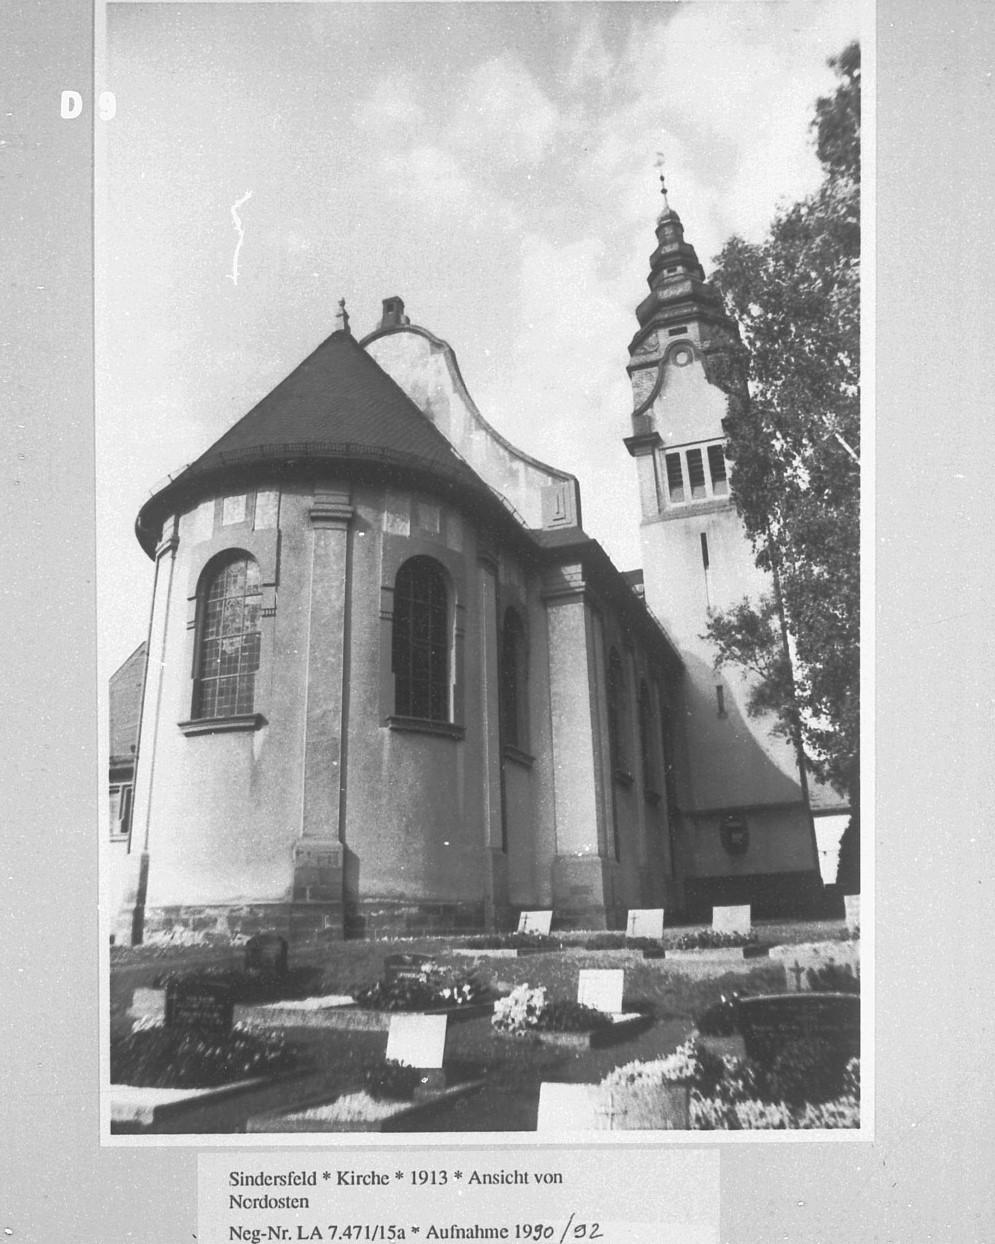 Ansicht der Kirche von Nord-Osten aus dem Jahre 1990/92